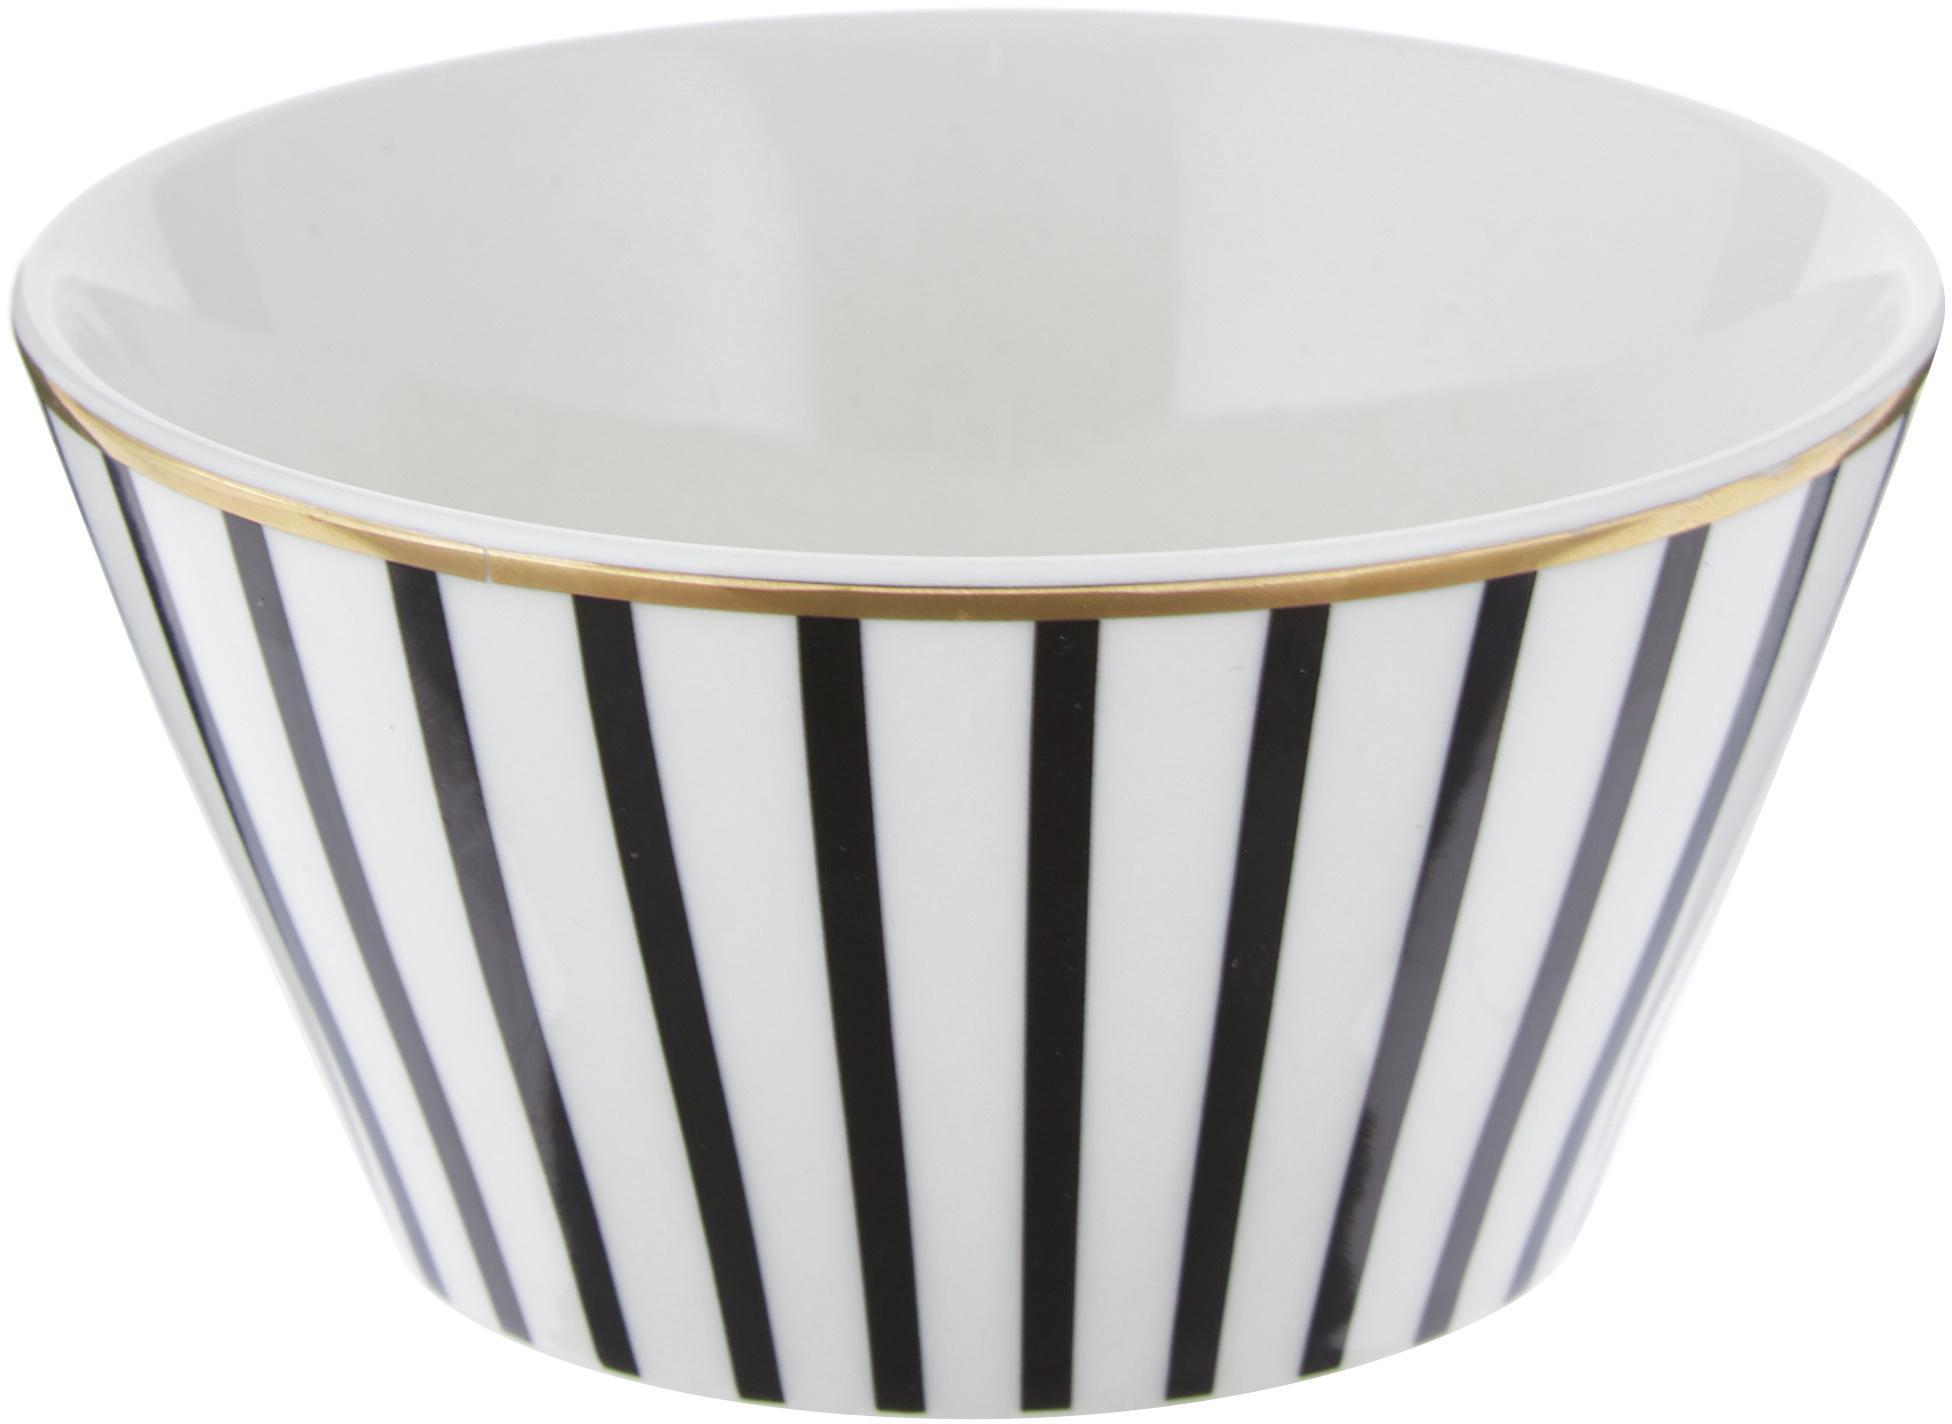 Cuencos Pluto Loft, 4uds., Porcelana, Negro, blanco, Ø 10 x Al 6 cm